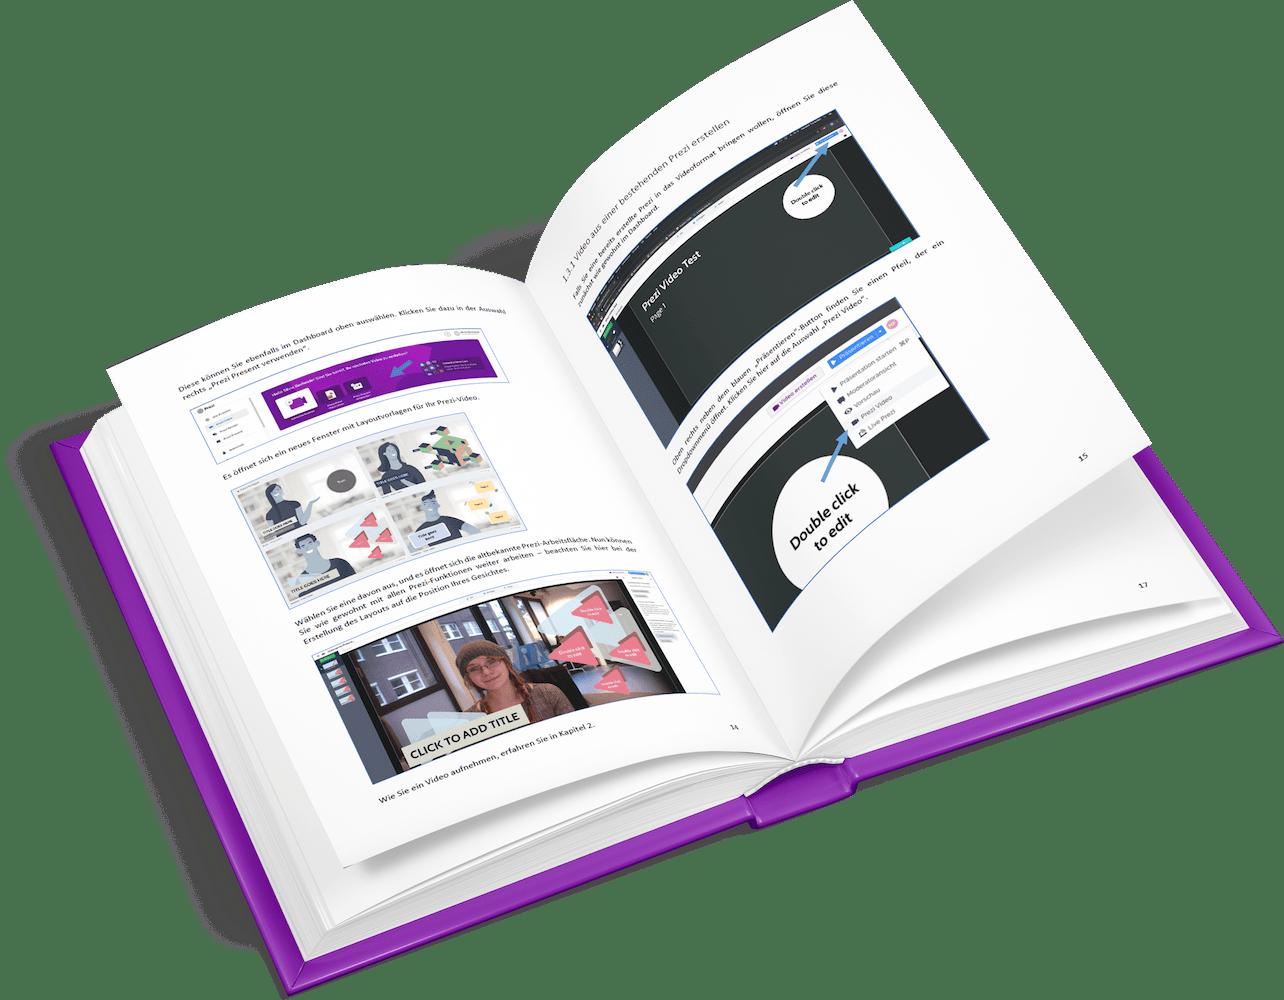 Prezi Video Handbuch aufgeschlagen